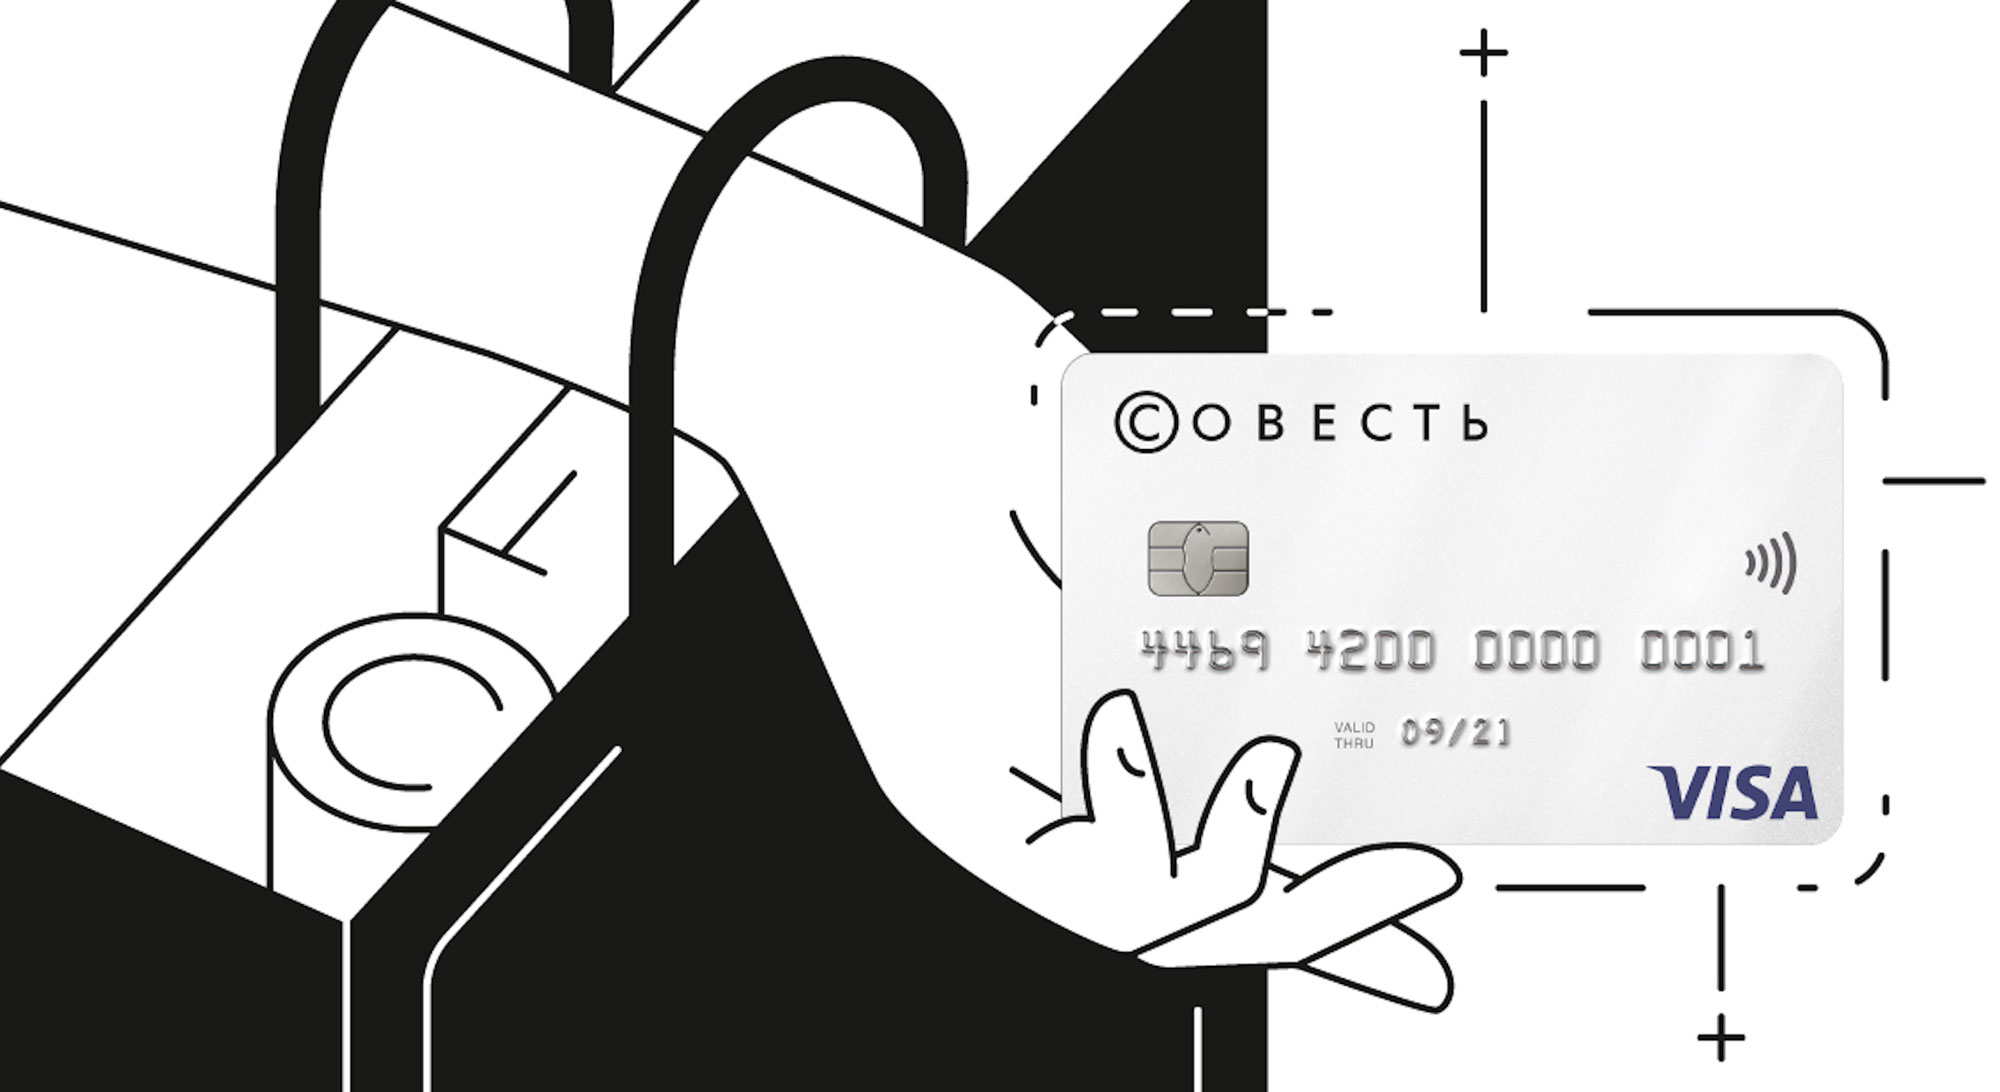 подать заявку на рассрочку телефона онлайн ипотека с плохой кредитной историей отзывы казань